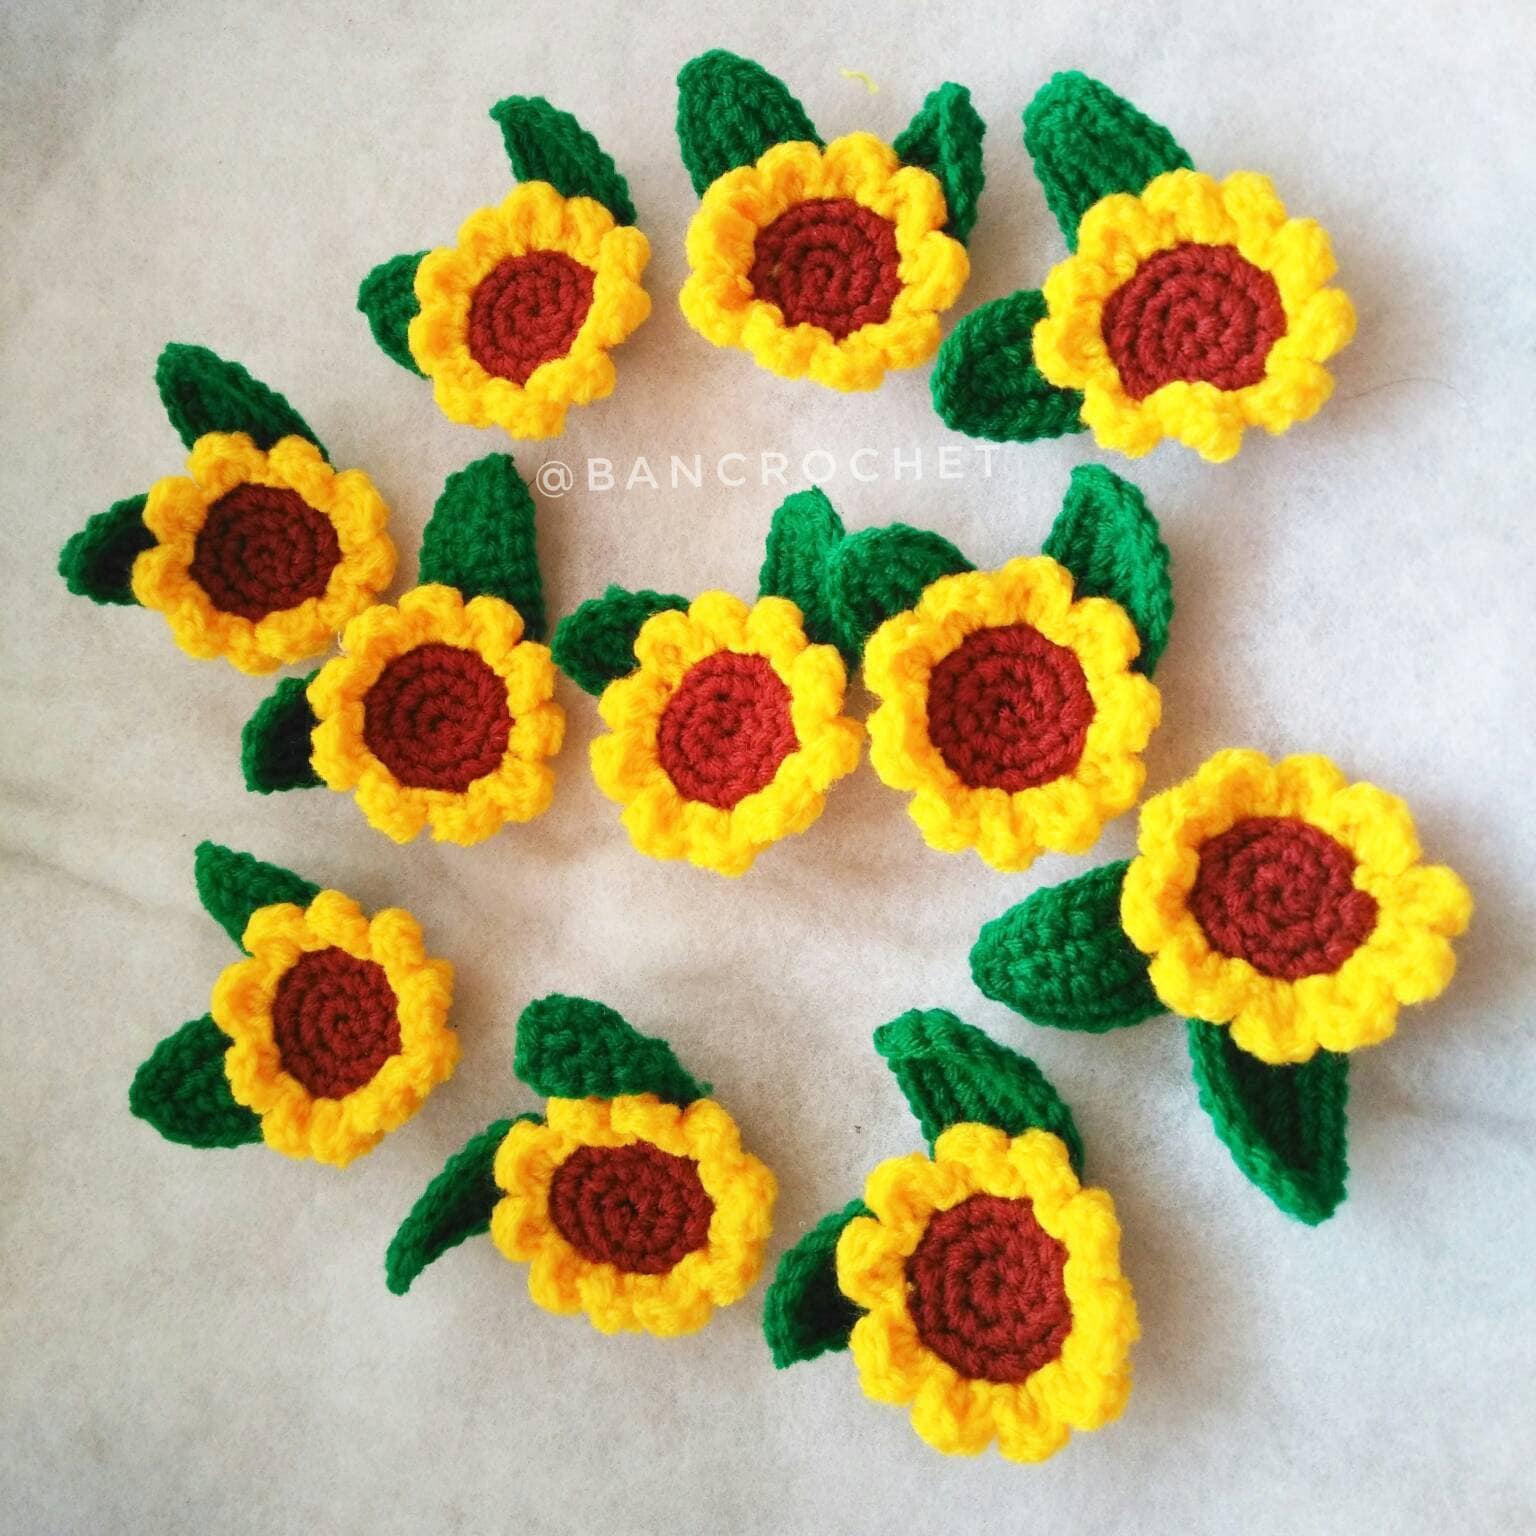 Mini Sonnenblumen: Häkelblumen Sonnenblume Häkelblüten